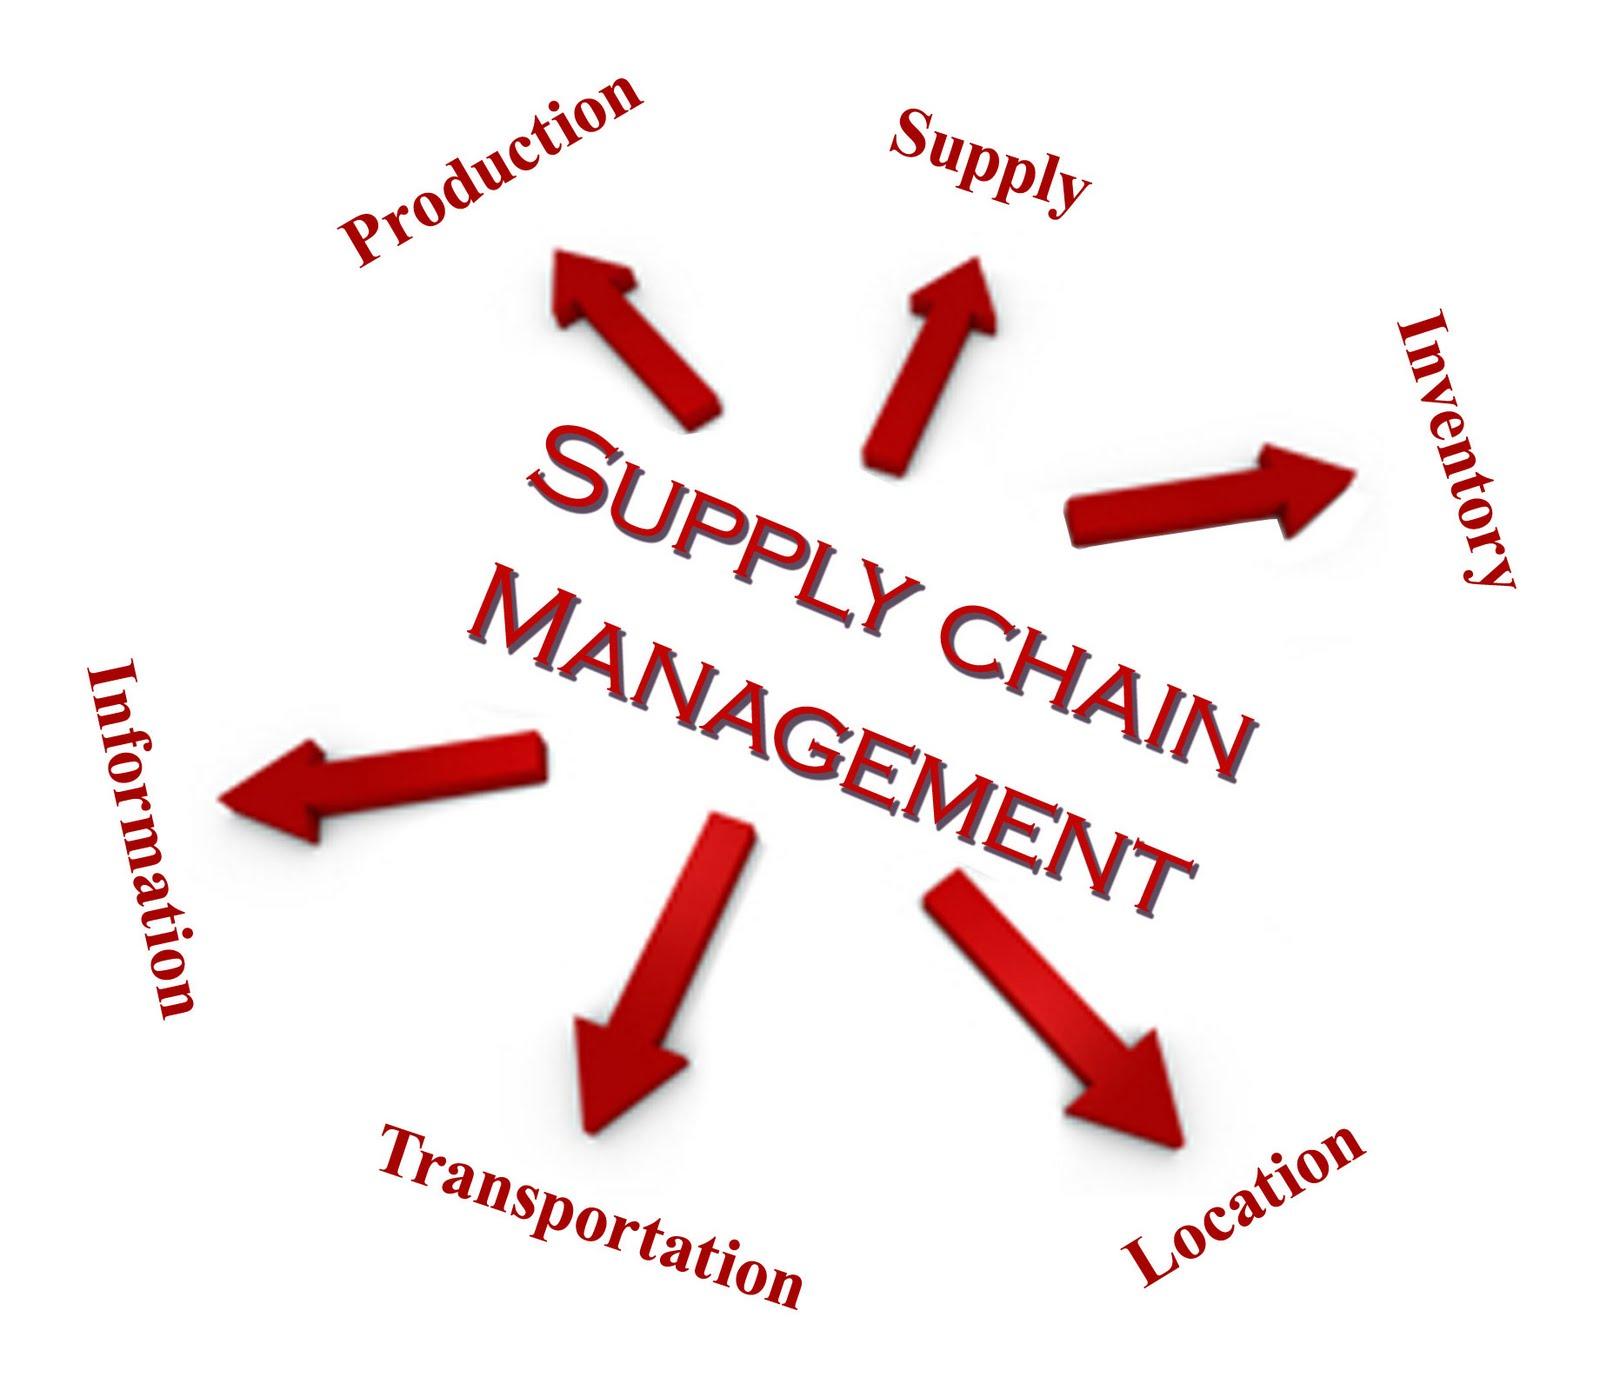 مدیریت زنجیره تامین یعنی چی؟